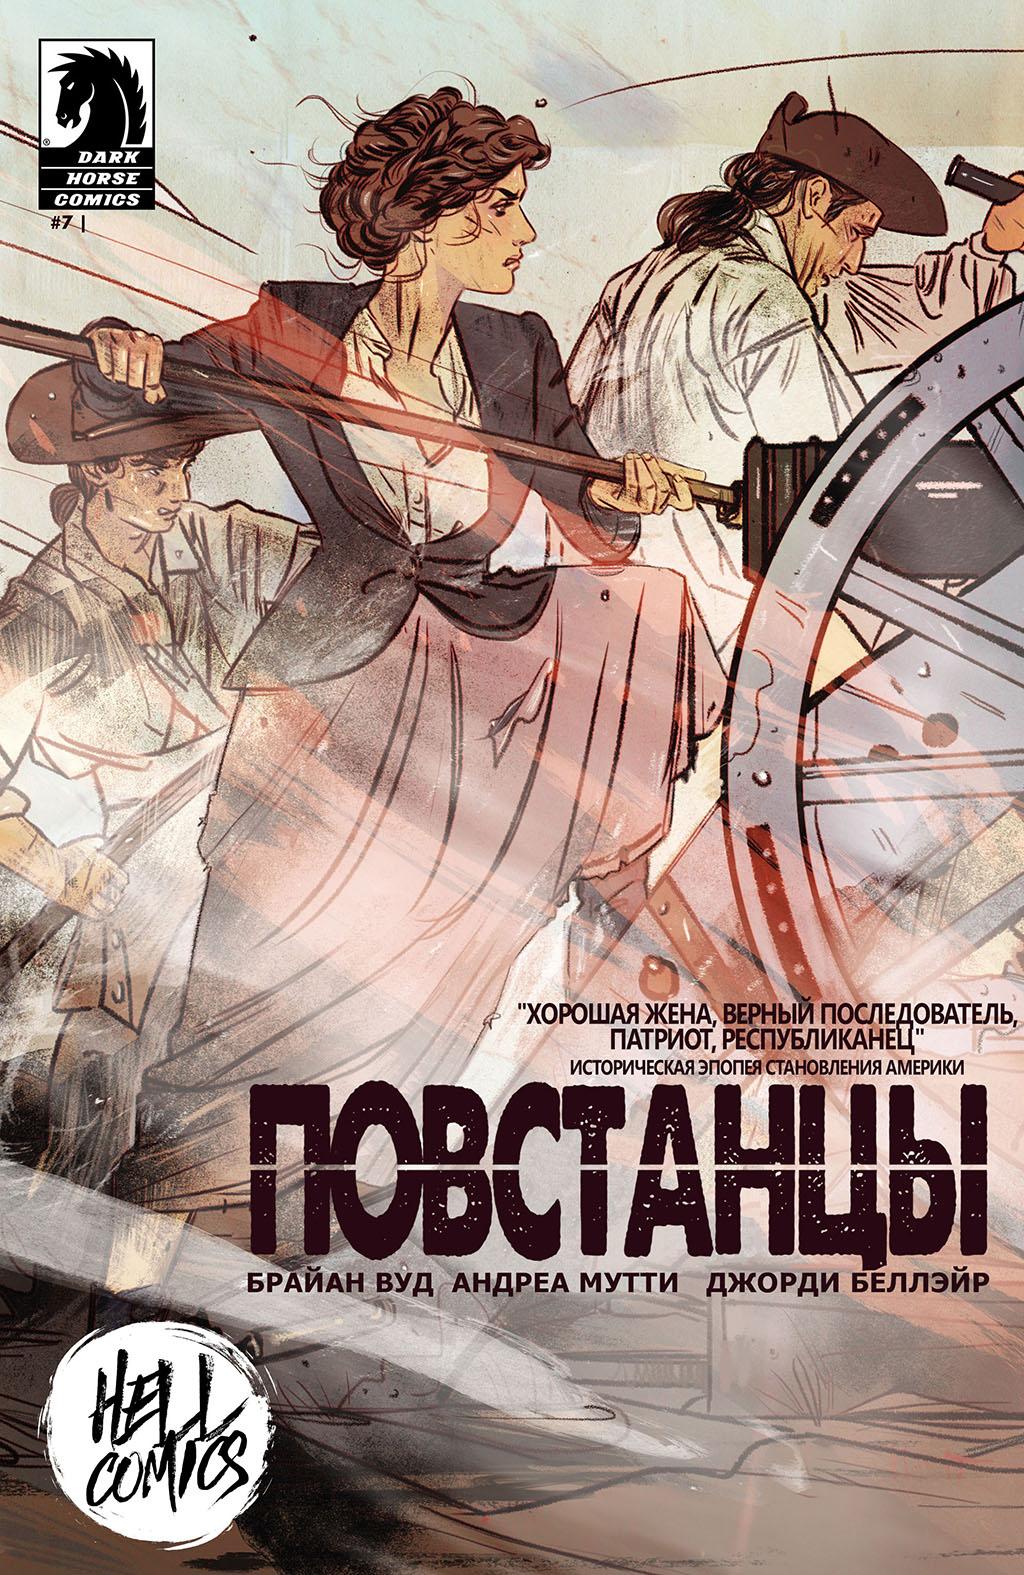 Комикс Повстанцы